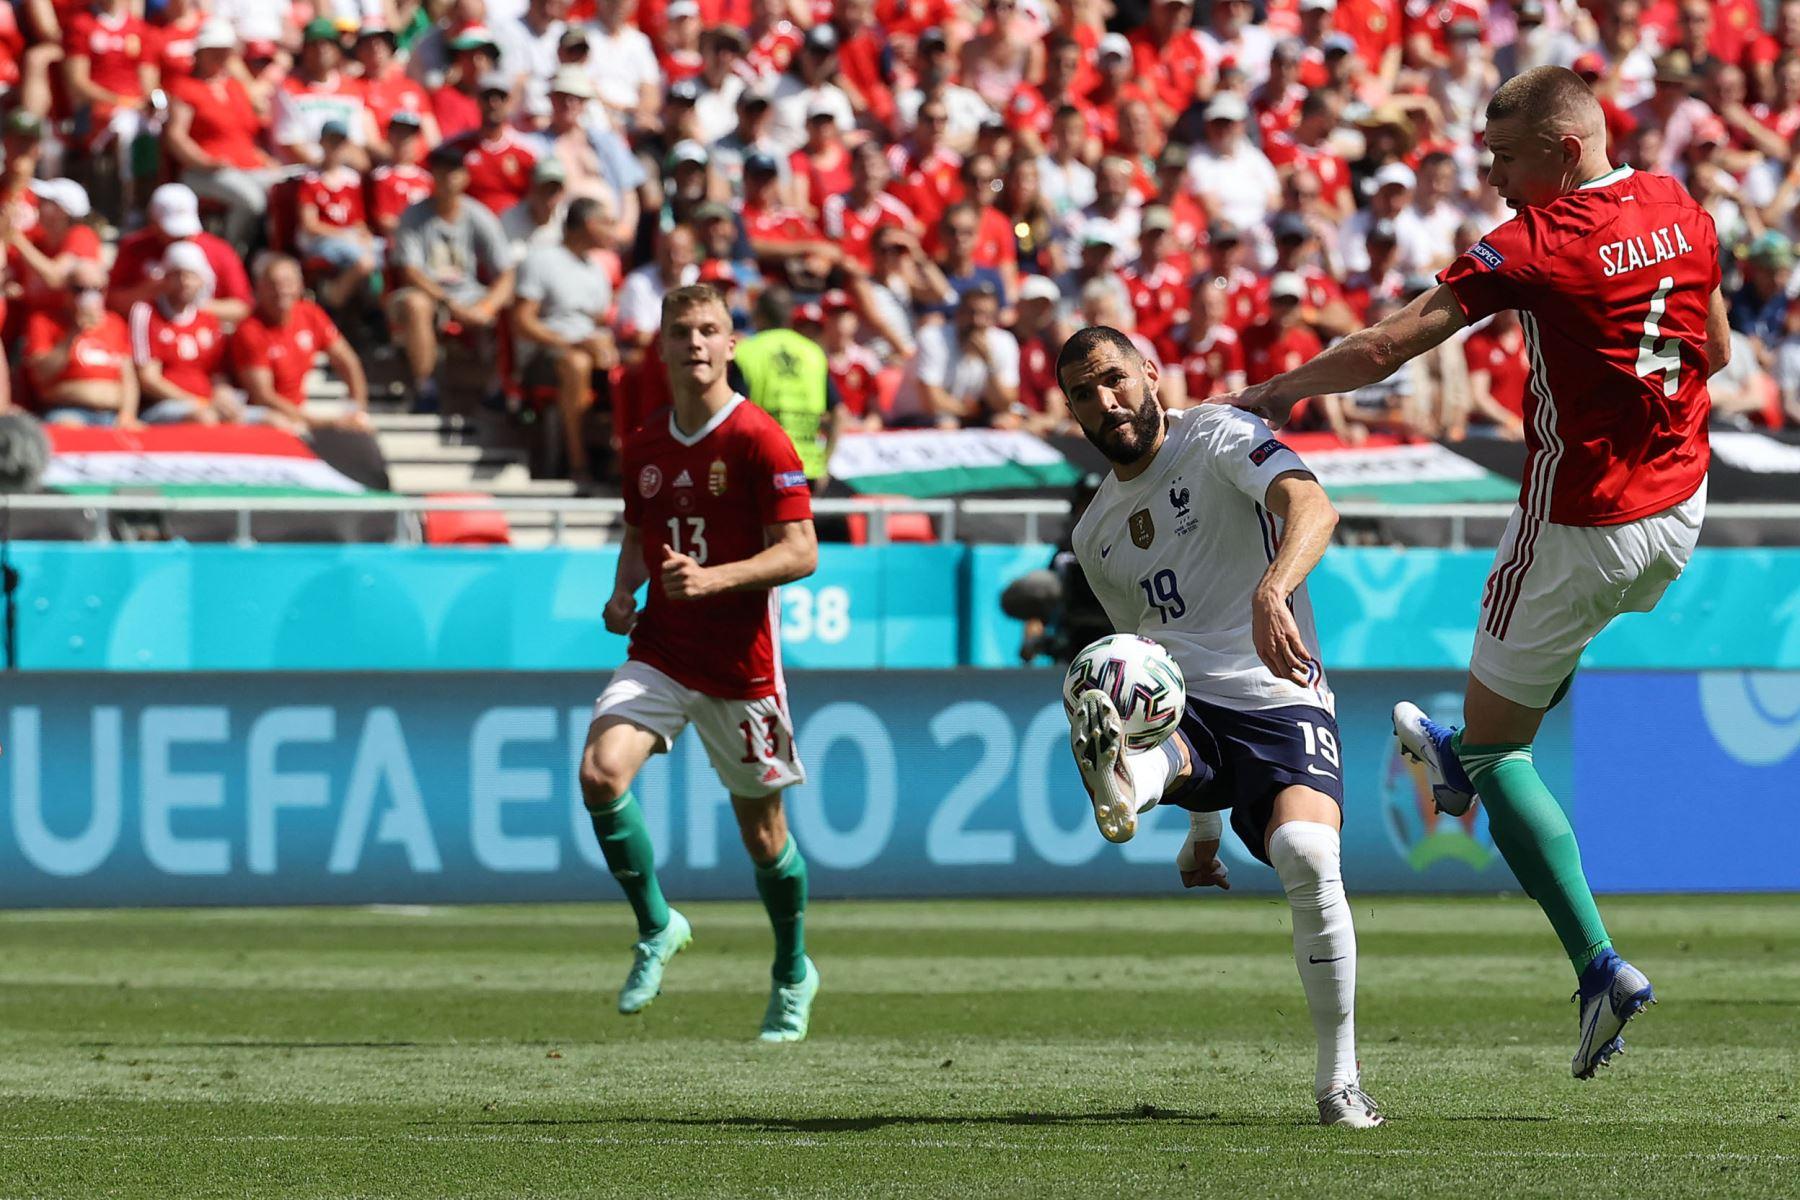 El delantero francés Karim Benzema (C) dispara al defensor de Hungría Attila Szalai durante el partido de fútbol del Grupo F de la UEFA EURO 2020 entre Hungría y Francia en el Puskas Arena de Budapest. Foto: AFP